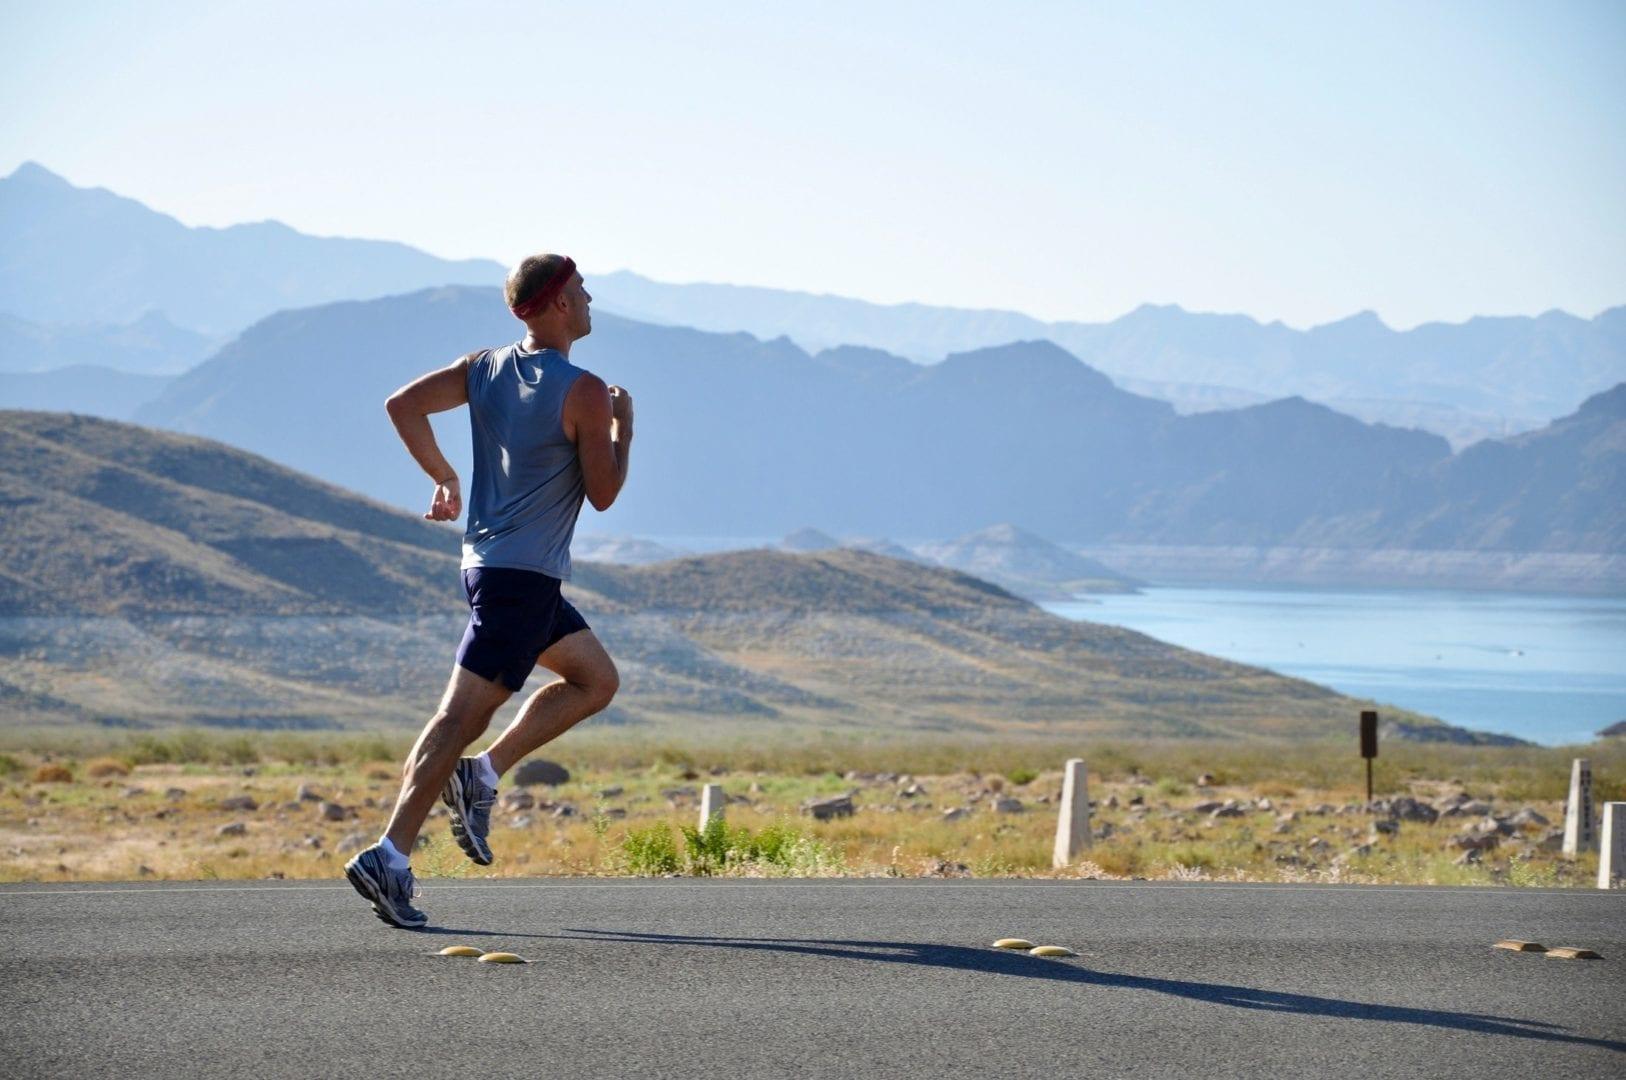 Sporten is goed voor je huid | man is aan het sporten, hardlopen